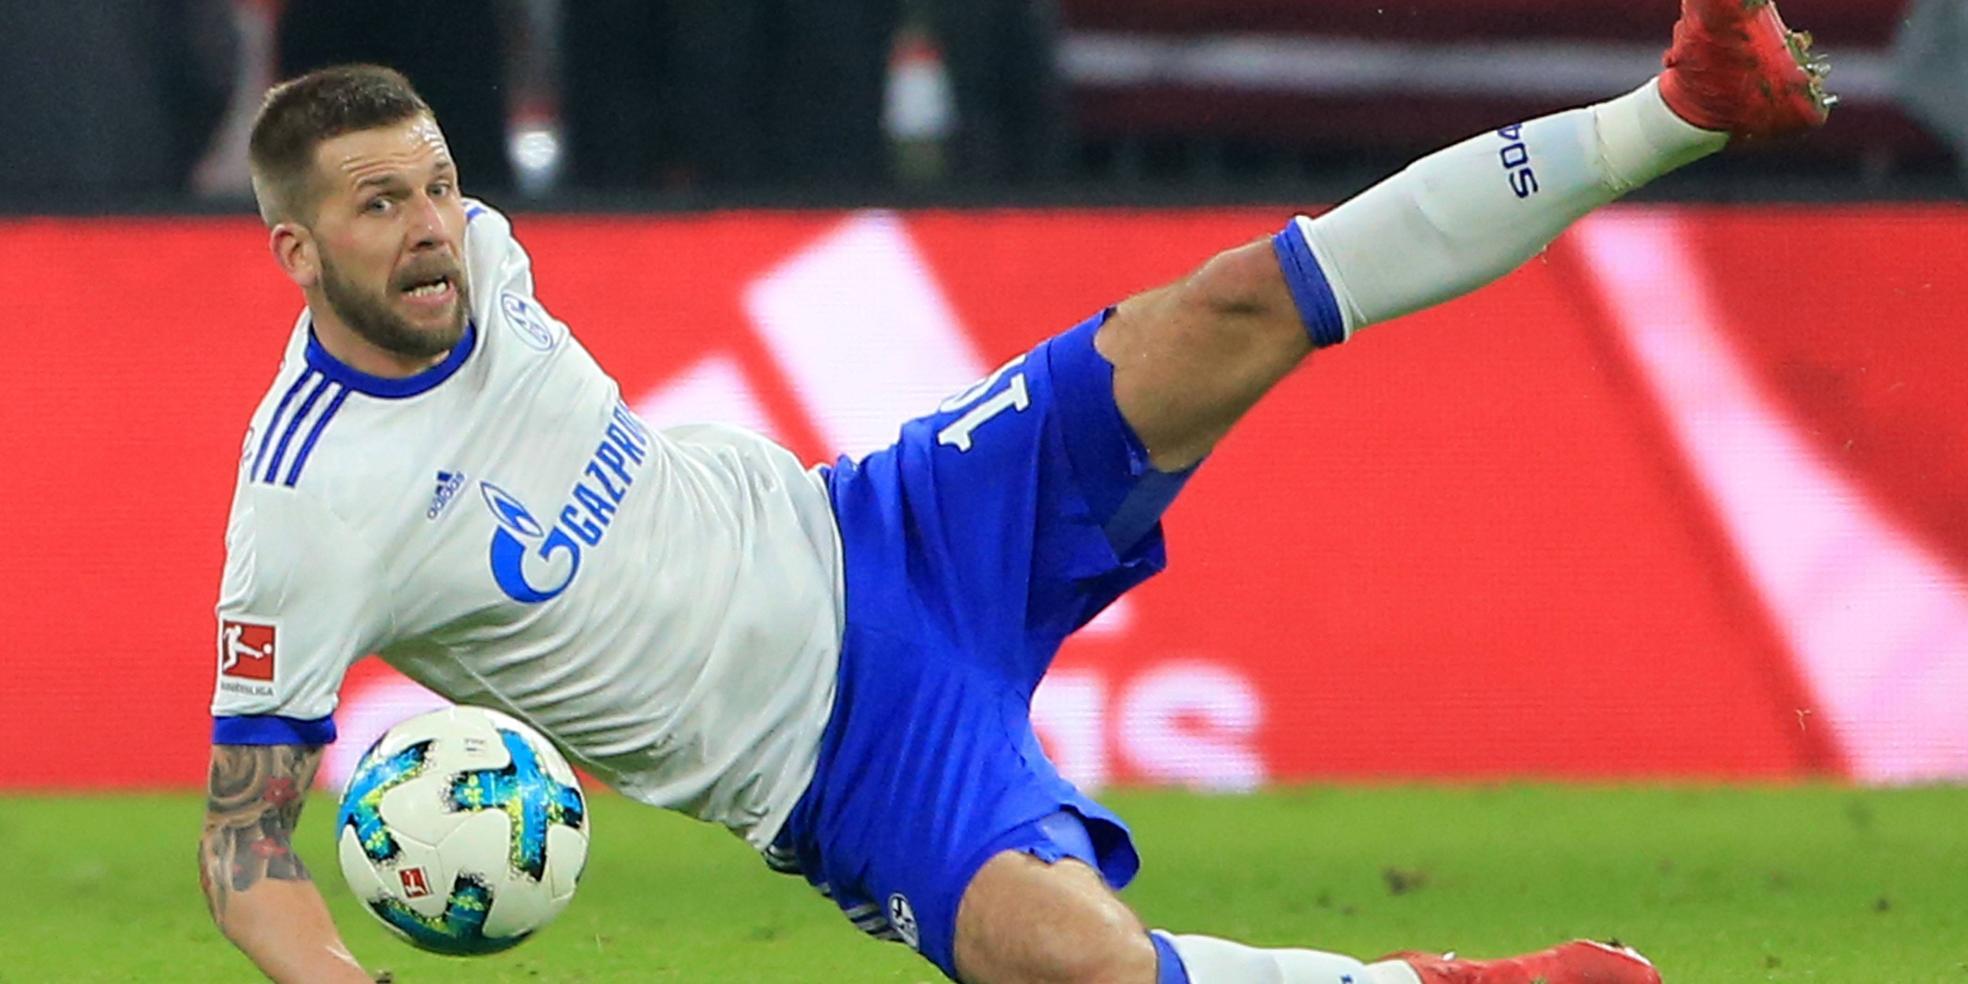 Guido Burgstaller vom FC Schalke 04